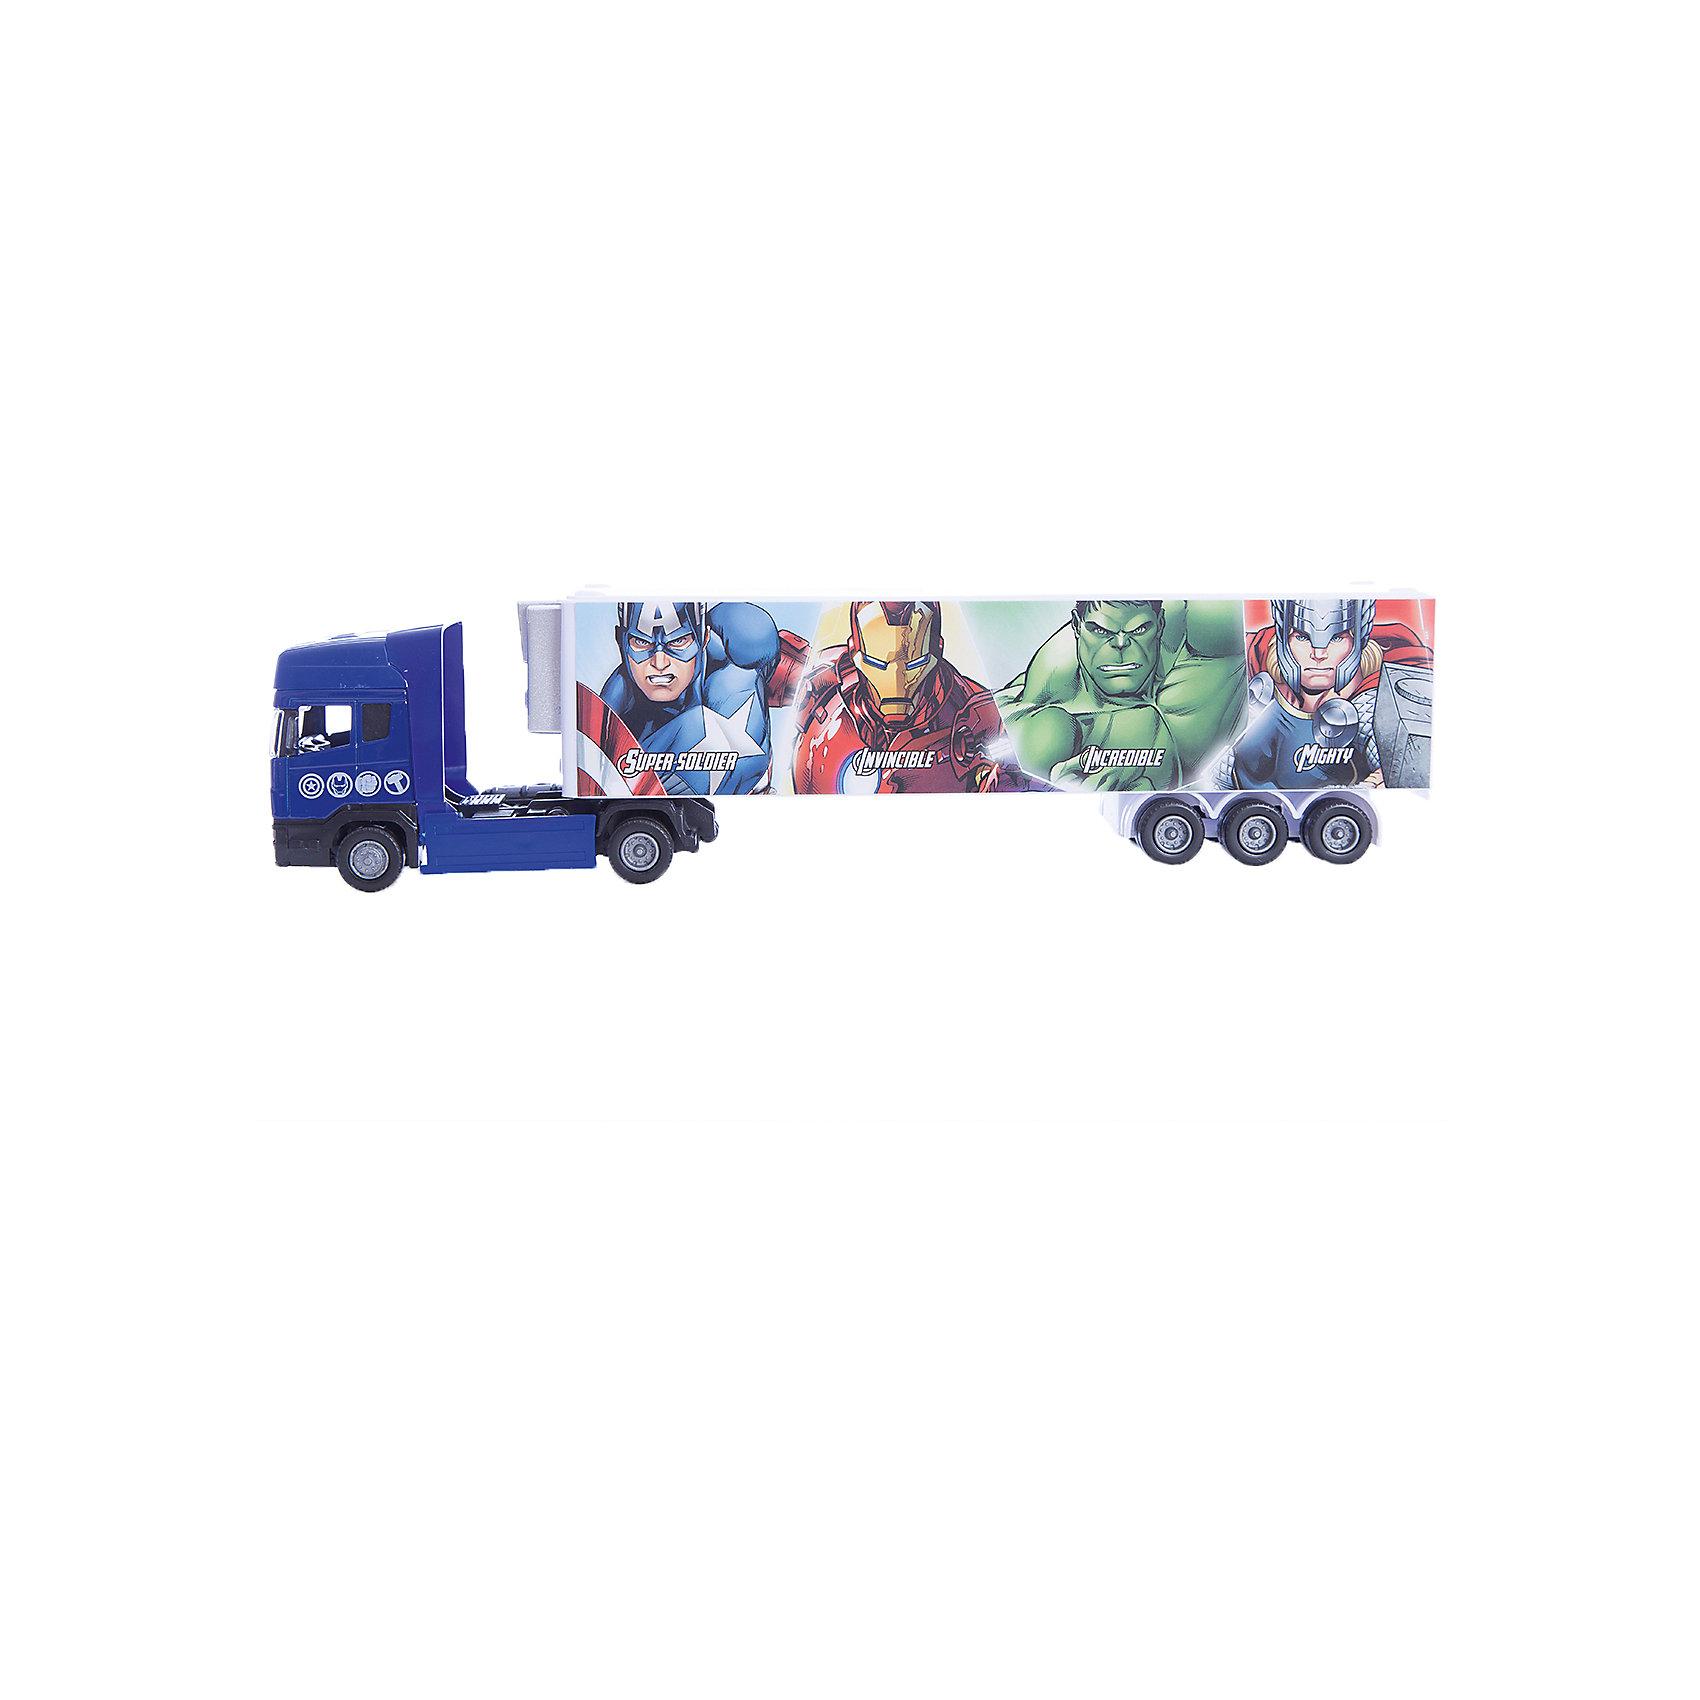 Машинка Avengers Мстители тягач с полуприцепом 1:48, AutotimeМашинки<br>Характеристики товара:<br><br>• цвет: синий<br>• материал: металл, пластик<br>• возраст: от 3 лет<br>• вес: 100 г<br>• масштаб: 1:48<br>• хорошая детализация<br>• упаковка: коробка<br>• по мотивам Мстителей<br>• страна бренда: Россия<br>• страна производства: Китай<br><br>Такая машинка приведет в восторг любителя супергероев! Она создана по мотивам вселенной, созданной Марвел. Это идеальный подарок для современного мальчика, который смотрит подобные фильмы или читает комиксы.<br><br>Машинка может выполнять сразу несколько функций: развлекать ребенка, помогать вырабатывать практические качества: ловкость, координацию, мелкую моторику. Также в процессе увлекательной игры развивается фантазия ребенка. Изделие выполнено из сертифицированных материалов, безопасных для детей.<br><br>Машинку Avengers Мстители тягач с полуприцепом от бренда AUTOTIME можно купить в нашем интернет-магазине.<br><br>Ширина мм: 165<br>Глубина мм: 57<br>Высота мм: 75<br>Вес г: 13<br>Возраст от месяцев: 36<br>Возраст до месяцев: 2147483647<br>Пол: Мужской<br>Возраст: Детский<br>SKU: 5584021